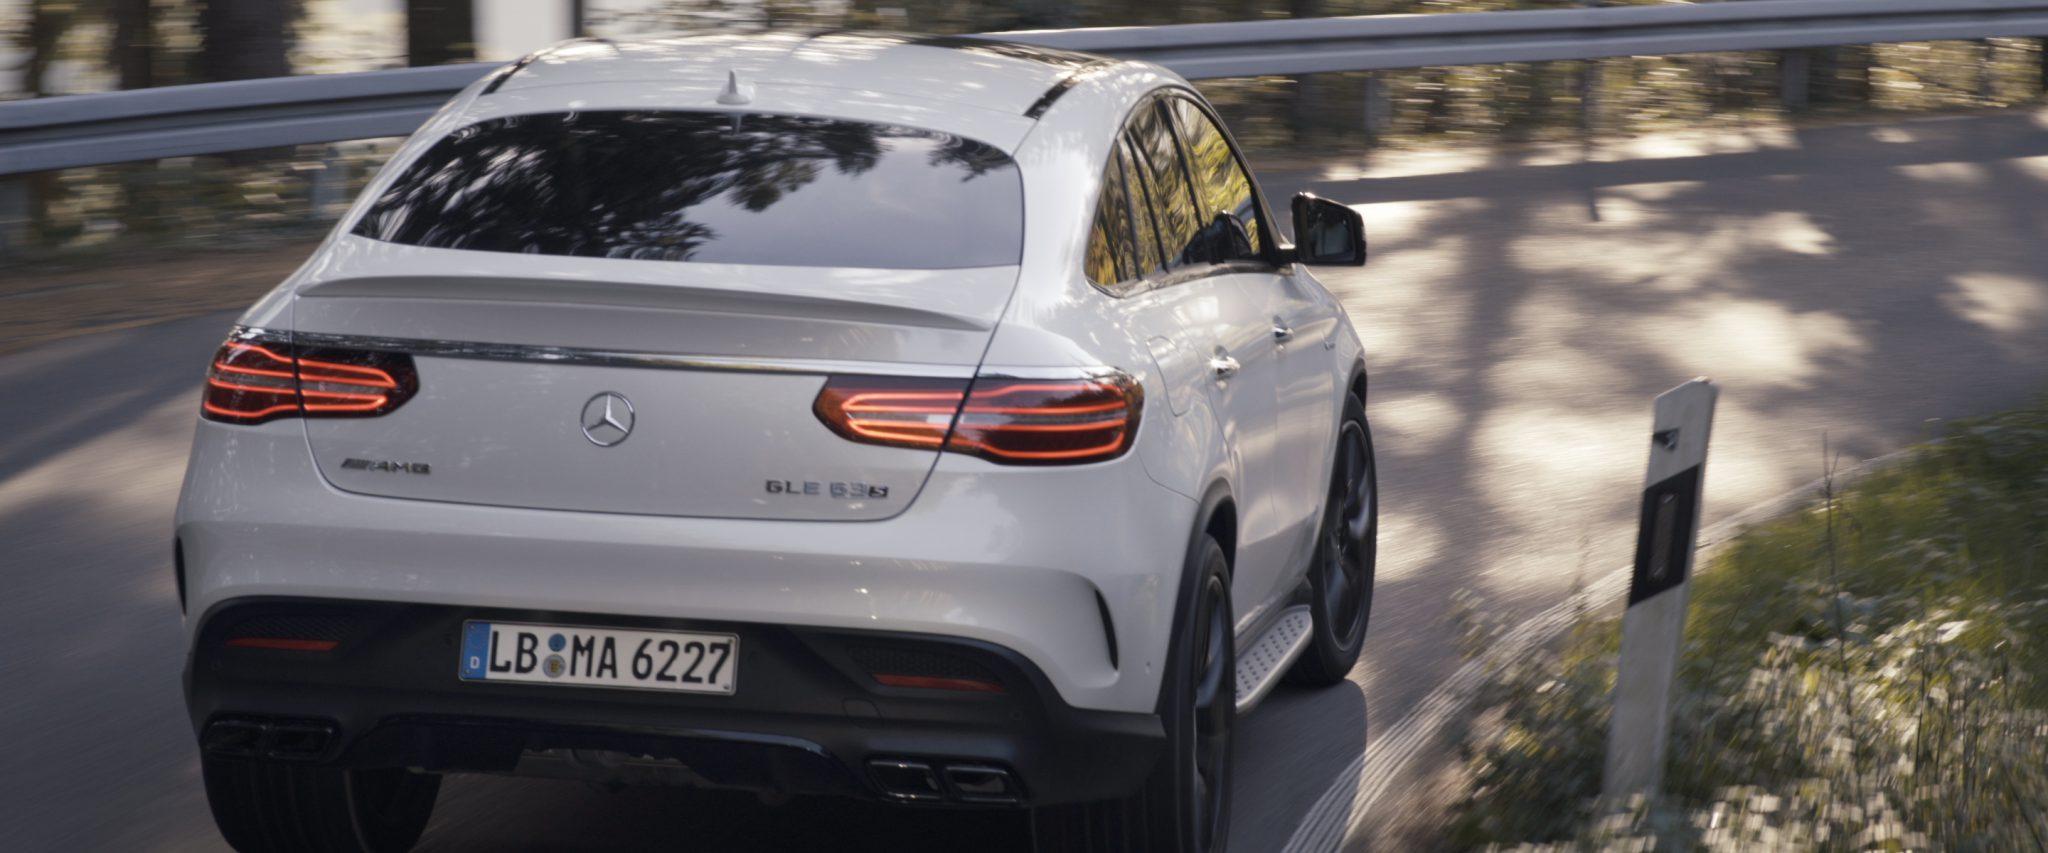 Mercedes-Benz driving around the corner